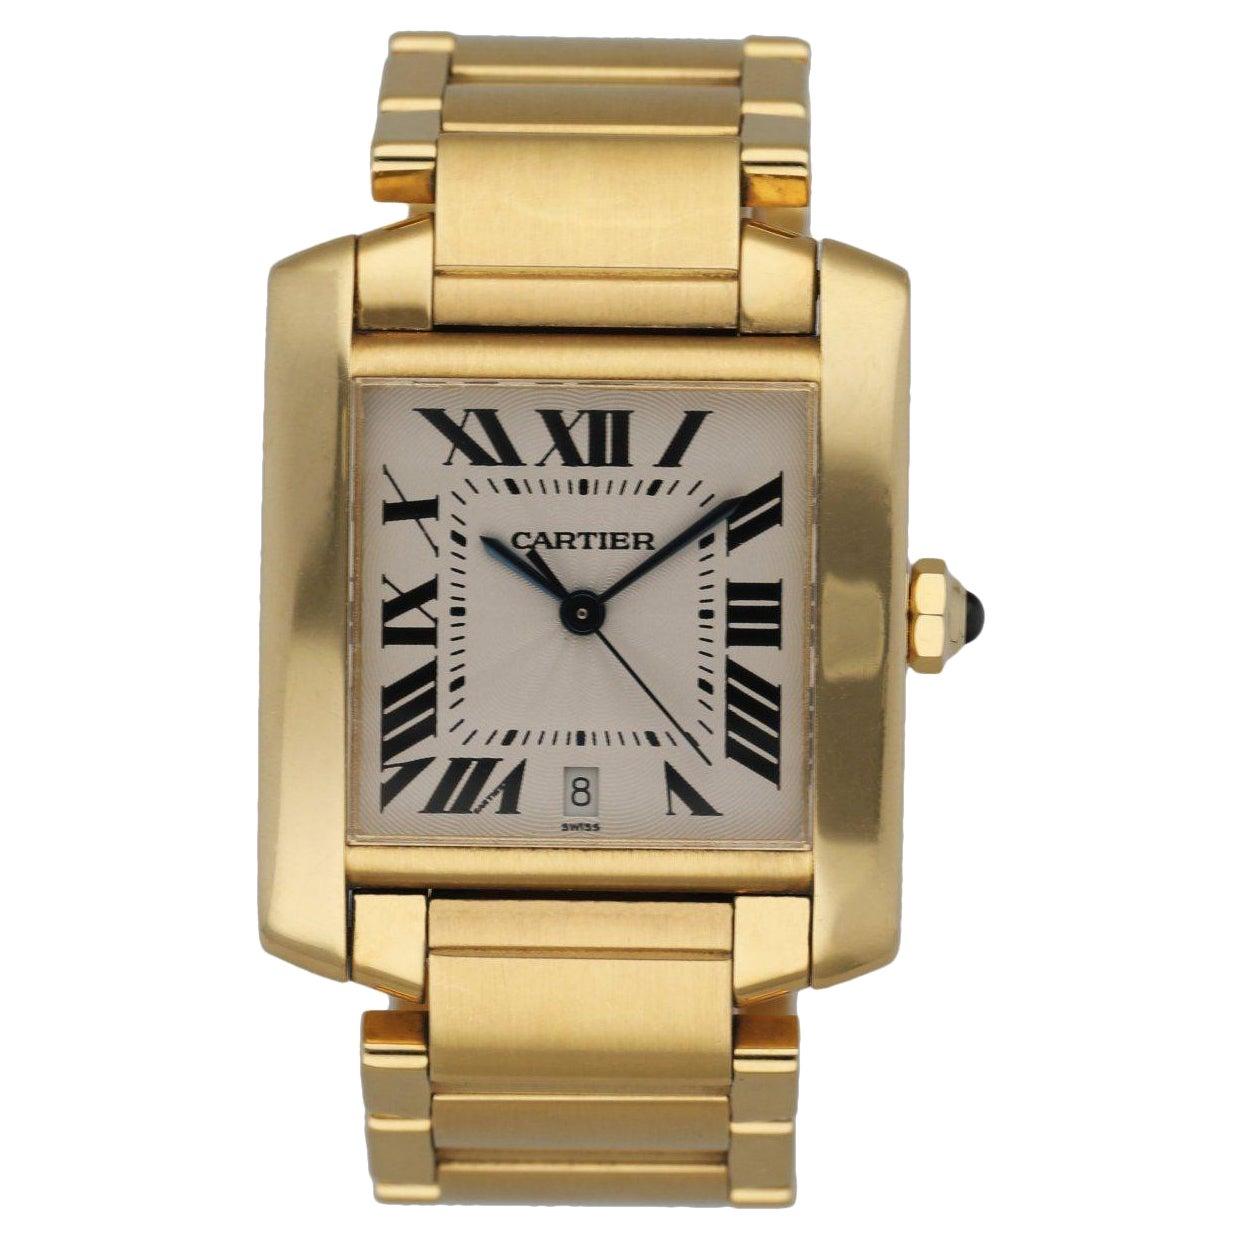 Cartier Tank Francaise 1840 18K Yellow Gold Men's Watch